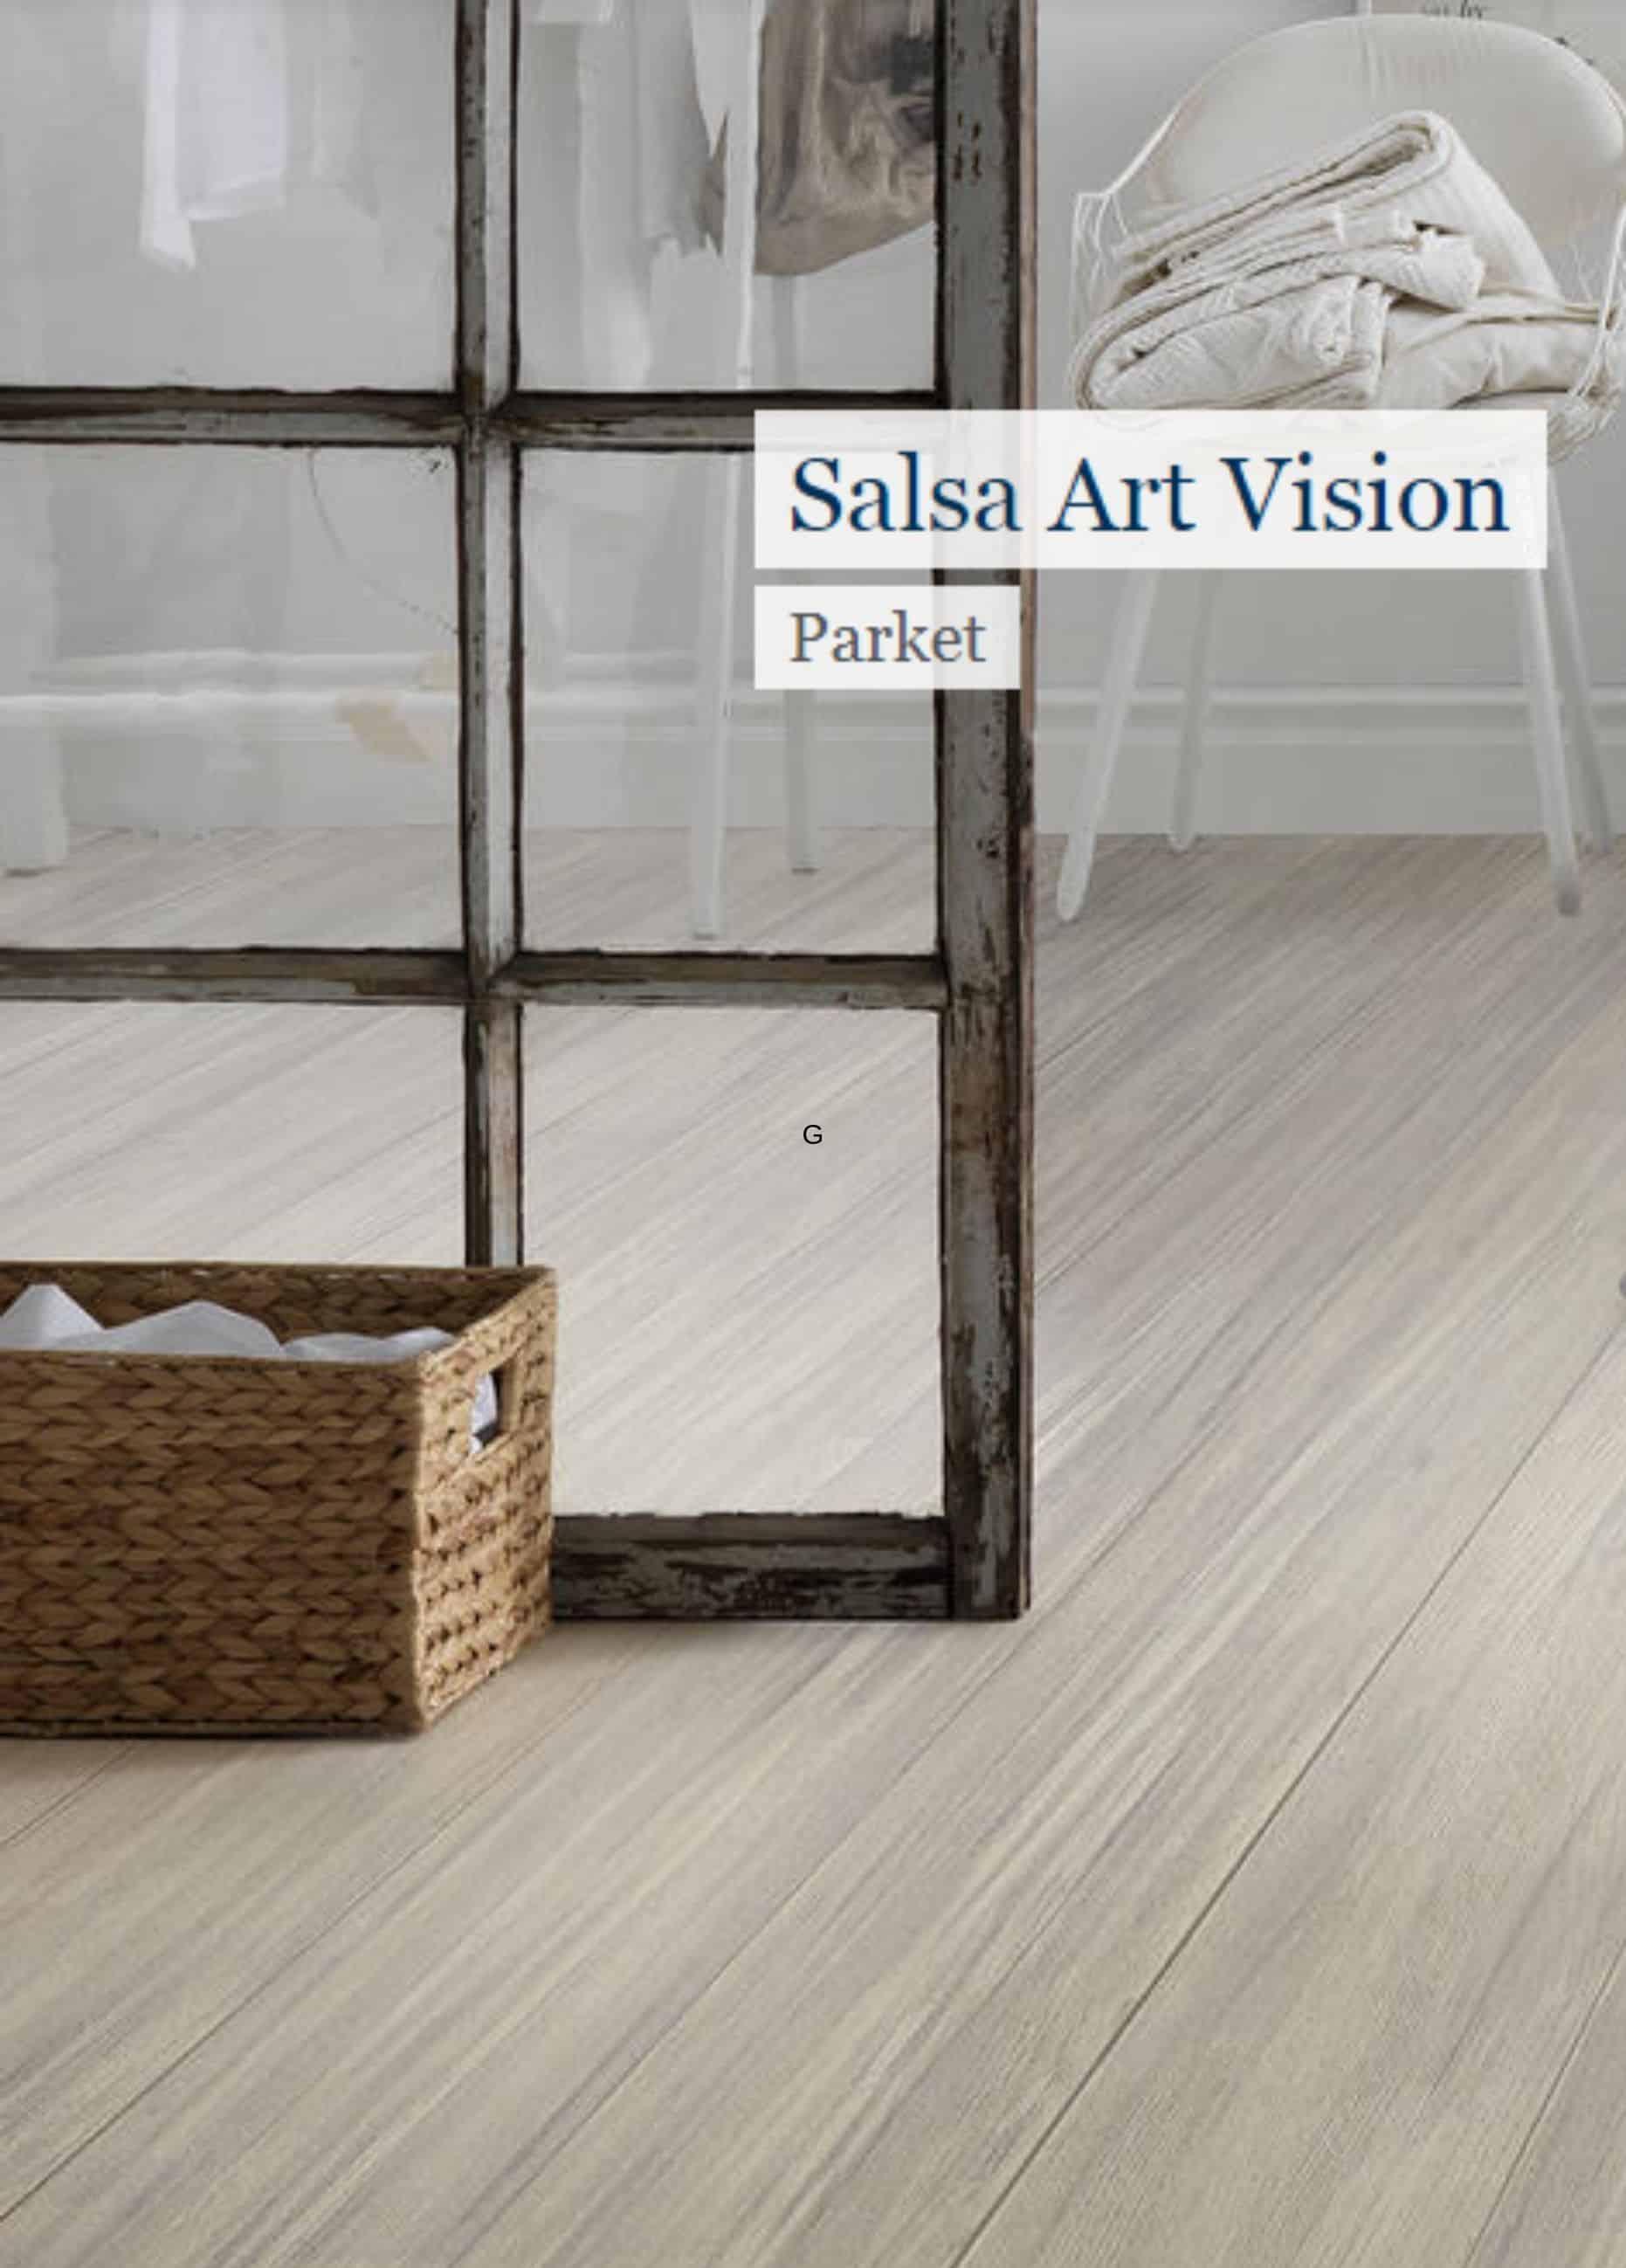 tarkett-parket-salsa-art-vision